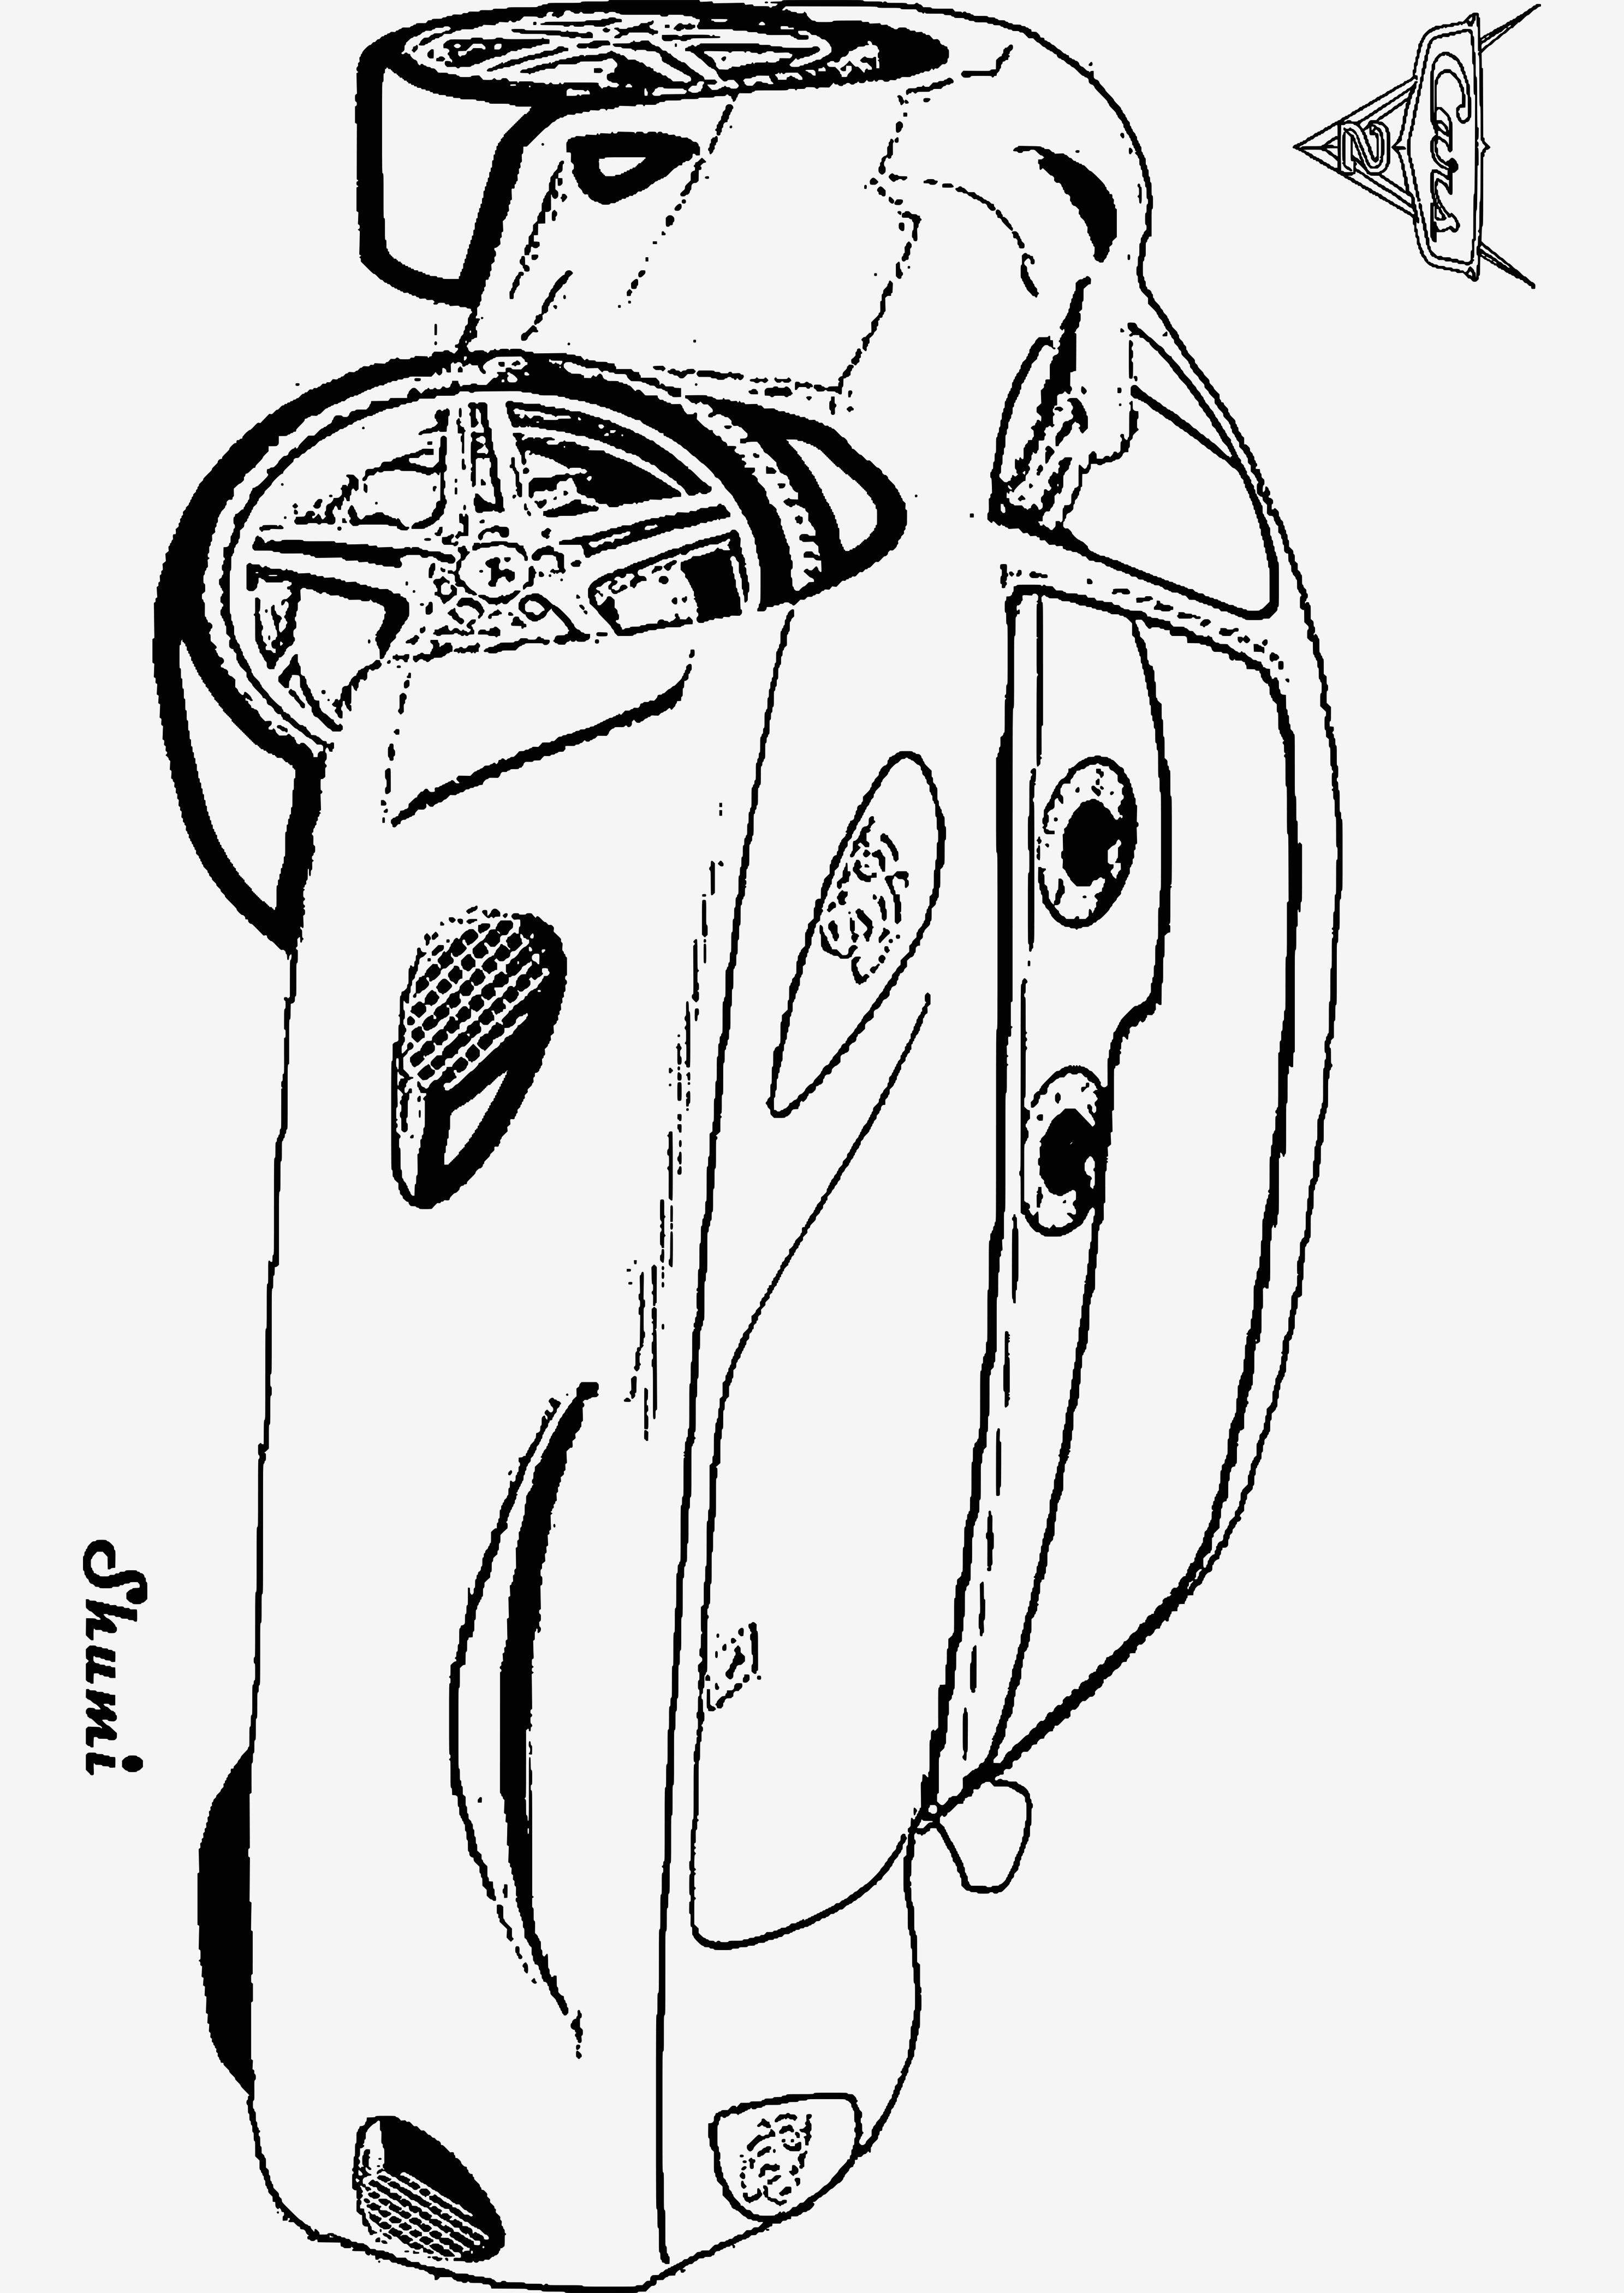 Ausmalbilder Zum Ausdrucken Autos Frisch Bilder Zum Ausmalen Bekommen Autos Ausmalbilder Bild